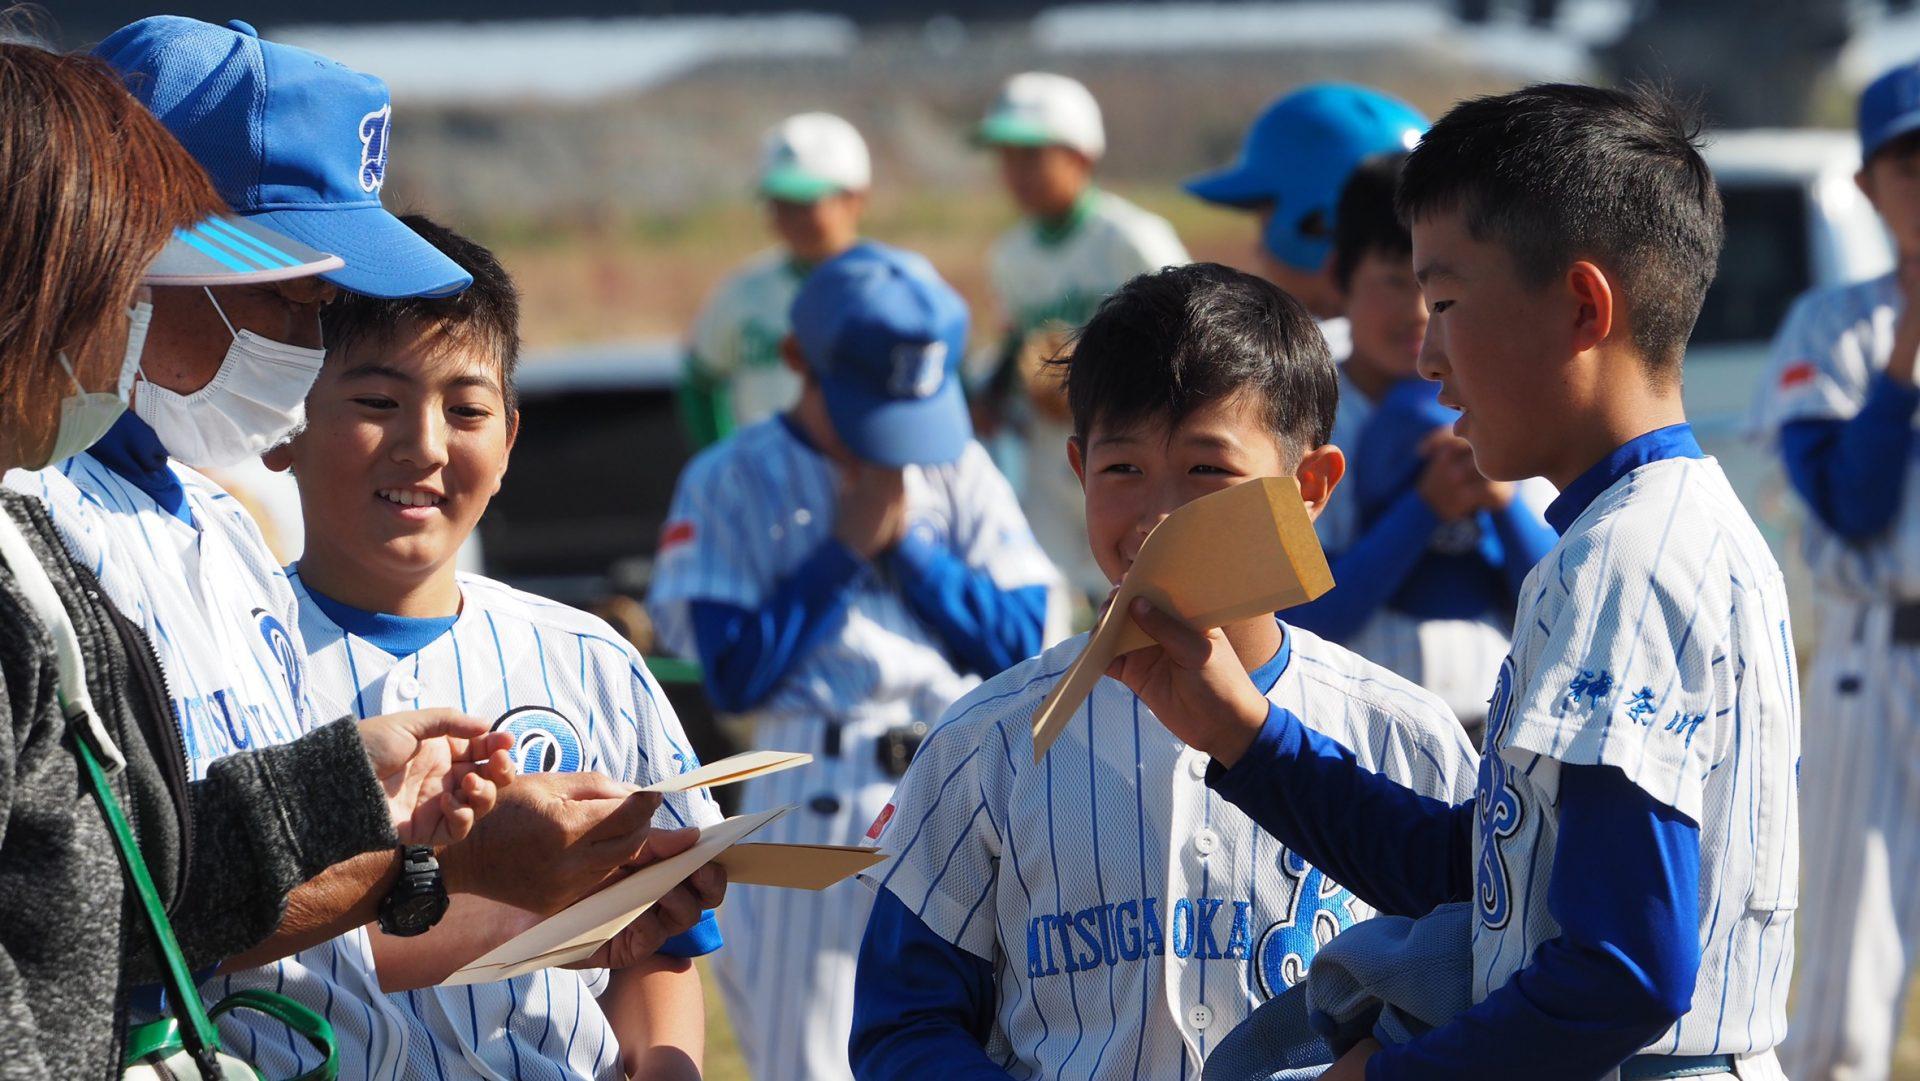 茅ヶ崎少年野球 三ヶ丘スポーツ少年団野球部 ブルースターズ